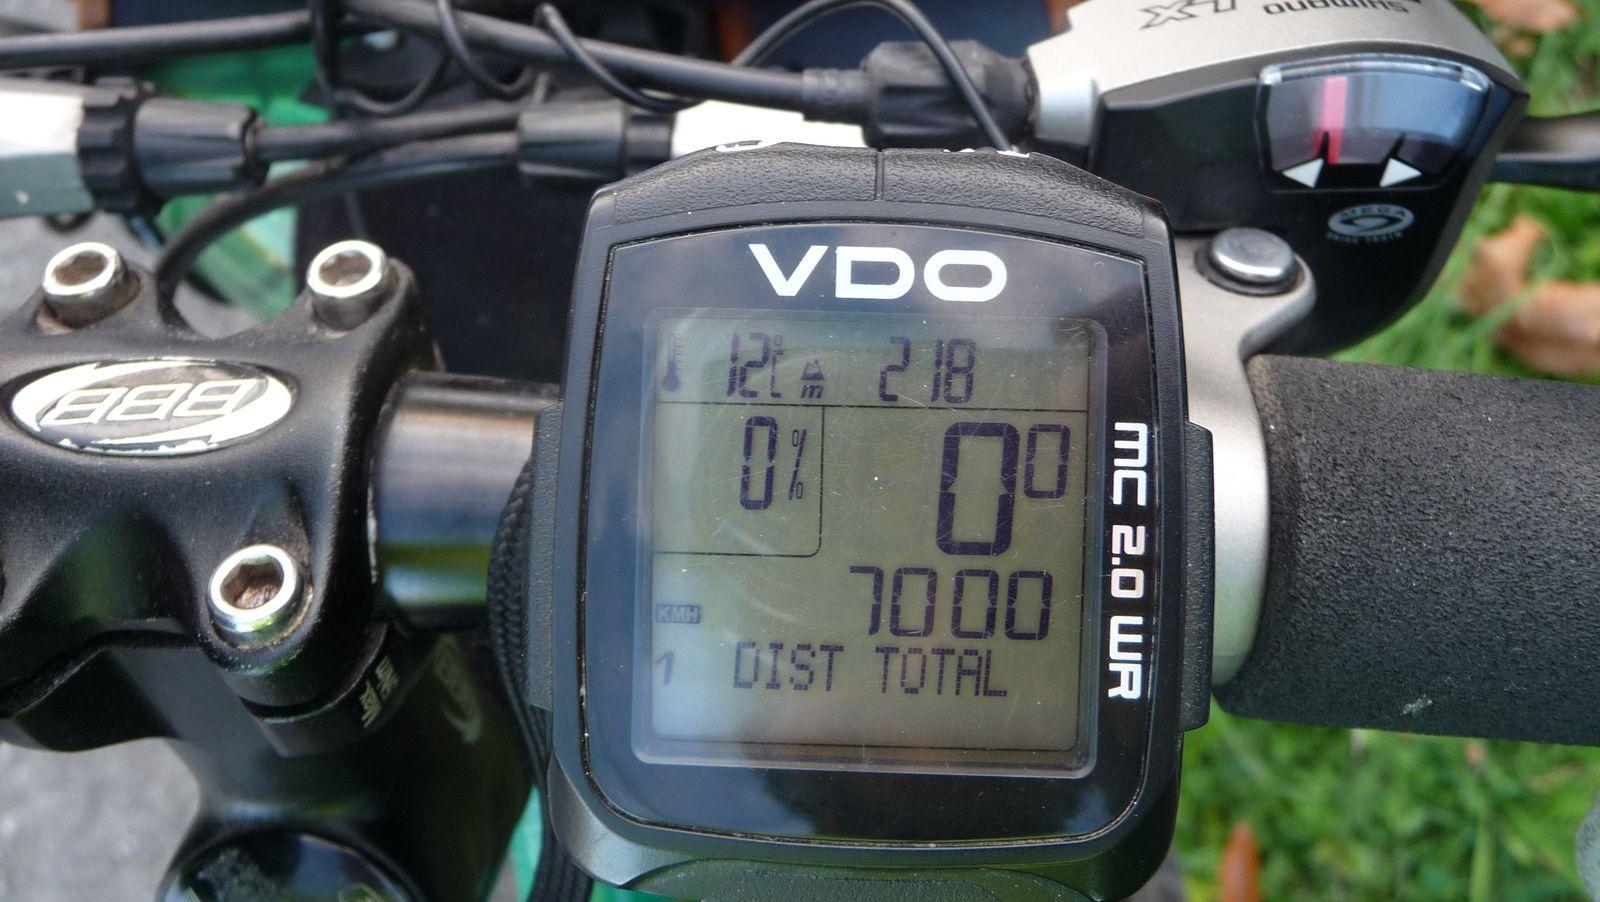 J'ai passé les 7 000 km cette année 2016.